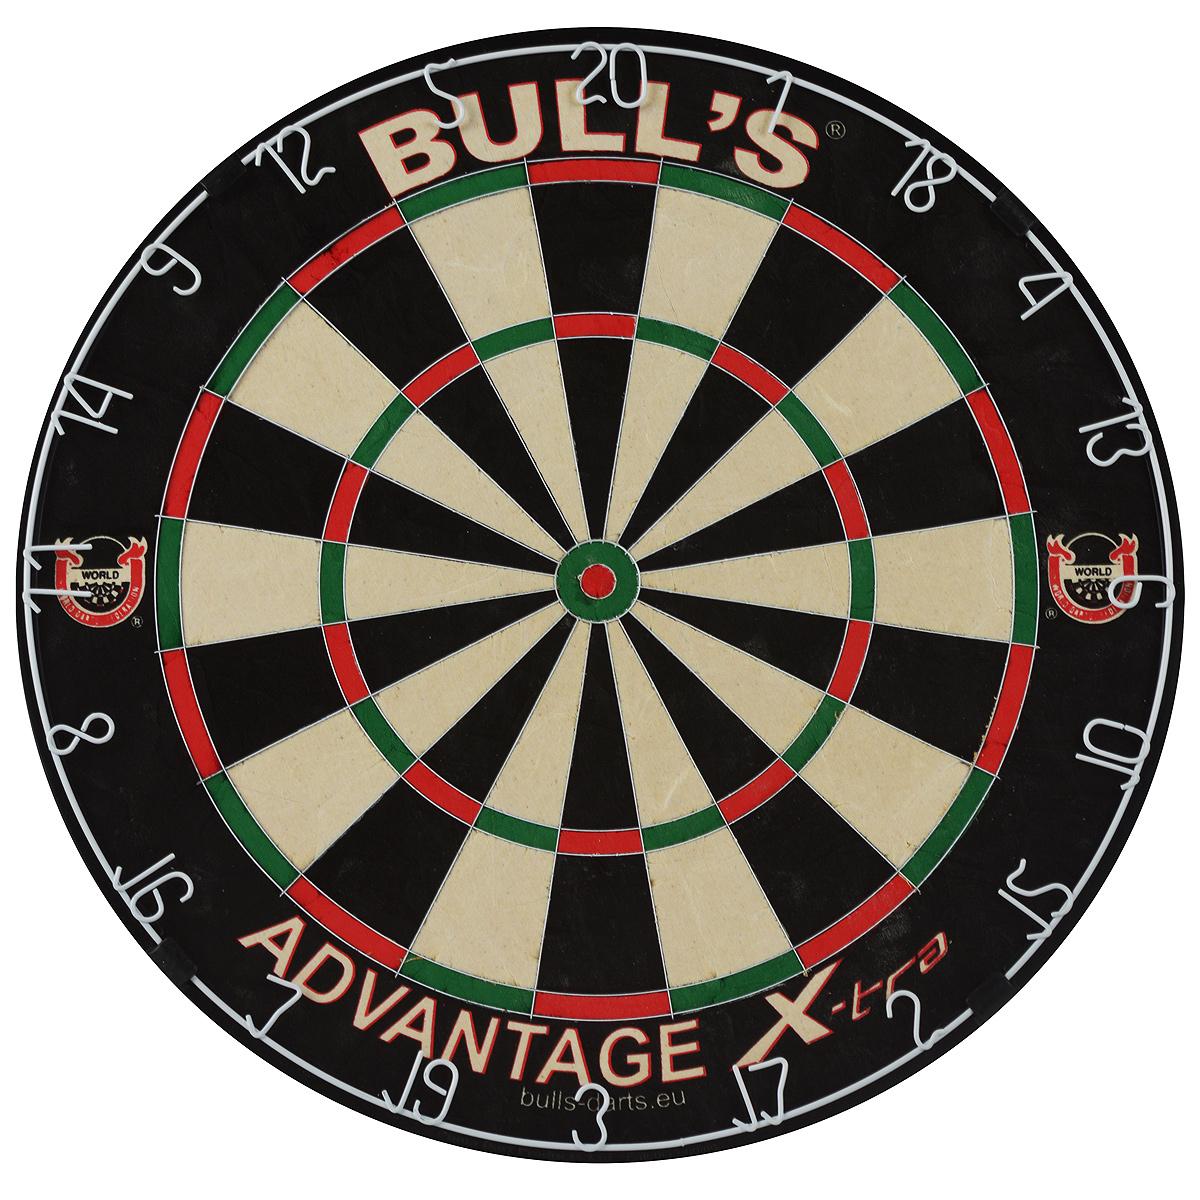 Мишень Bulls Advantage Xtra Bristle Board527Мишень Bulls Advantage Xtra Bristle Board - официальная мишень Всемирной Федерации Дартс (WDF), мишень Кубка Мира по дартс 1999-2011. Имеет классическую турнирную форму и размеры. Изготовлена из силумина, сизаля, пластика и МДФ. Ультратонкие стальные разделительные пластины врезаны в поверхность мишени. Мишень оснащена металлическим кольцом, покрытым белой краской. Увеличенное секторное поле, особенно в зонах удвоения очков.Мишень не имеет крепежных скобок. В комплекте - специальные крепежные элементы для подвешивания к стене.Возврат товара возможен только при наличии заключения сервисного центра. Время работы сервисного центра:Пн-чт: 10.00-18.00 Пт: 10.00- 17.00 Сб, Вс: выходные дни Адрес: ООО ГАТО, 121471, г.Москва, ул. Петра Алексеева, д 12., тел. (495)232-4670, gato@gato.ru